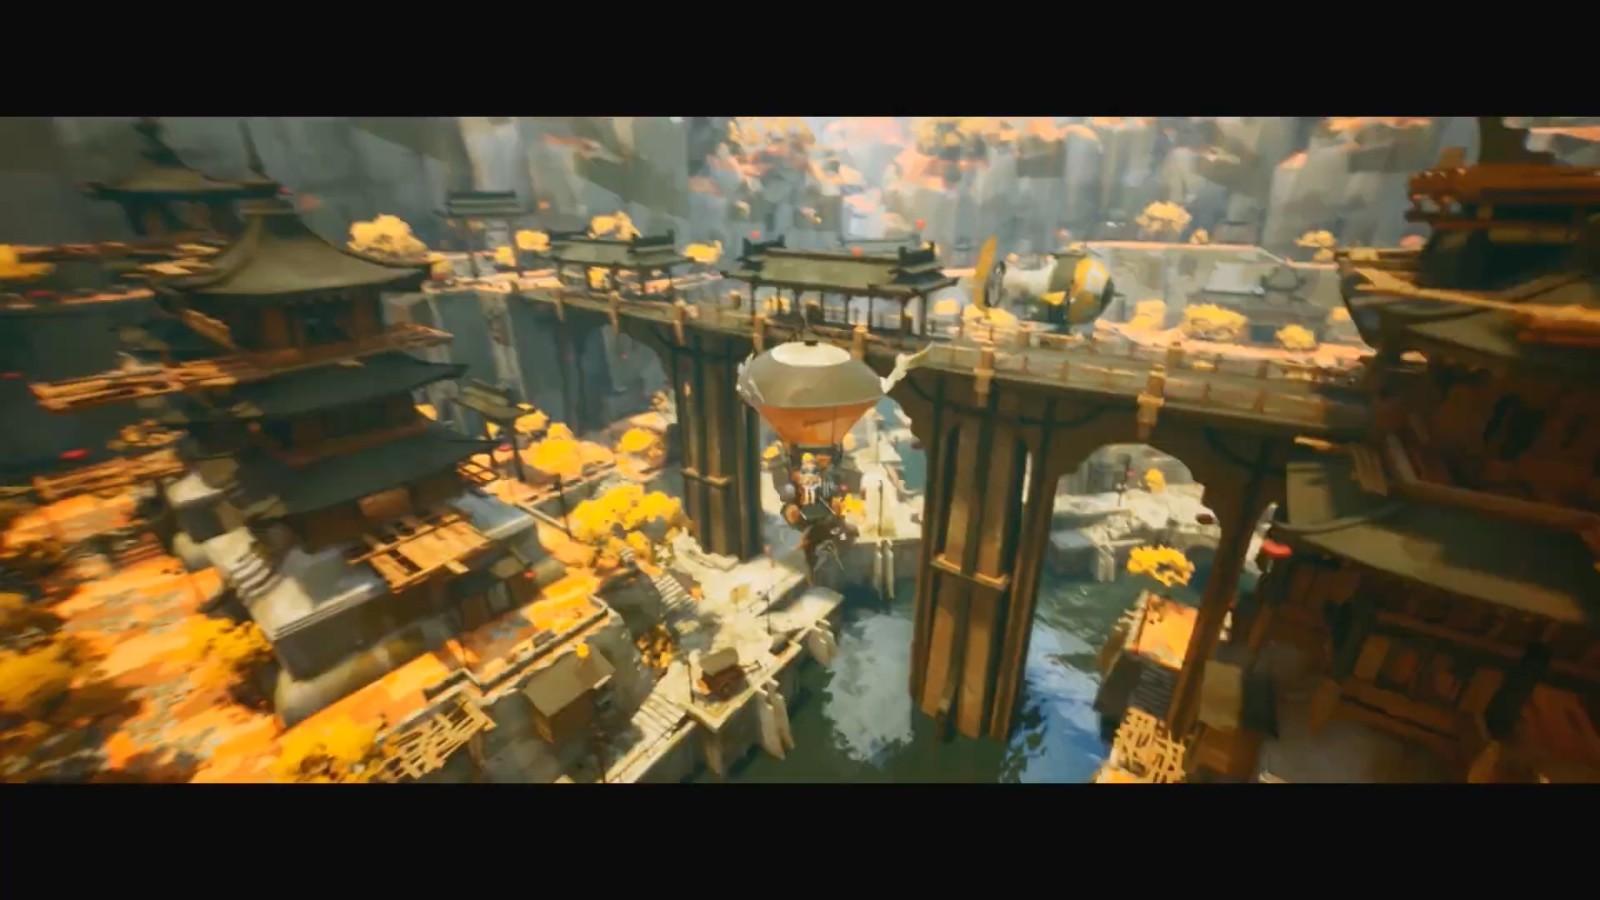 奇幻动作游戏《黄昏沉眠街》4月14日发售 新预告公开